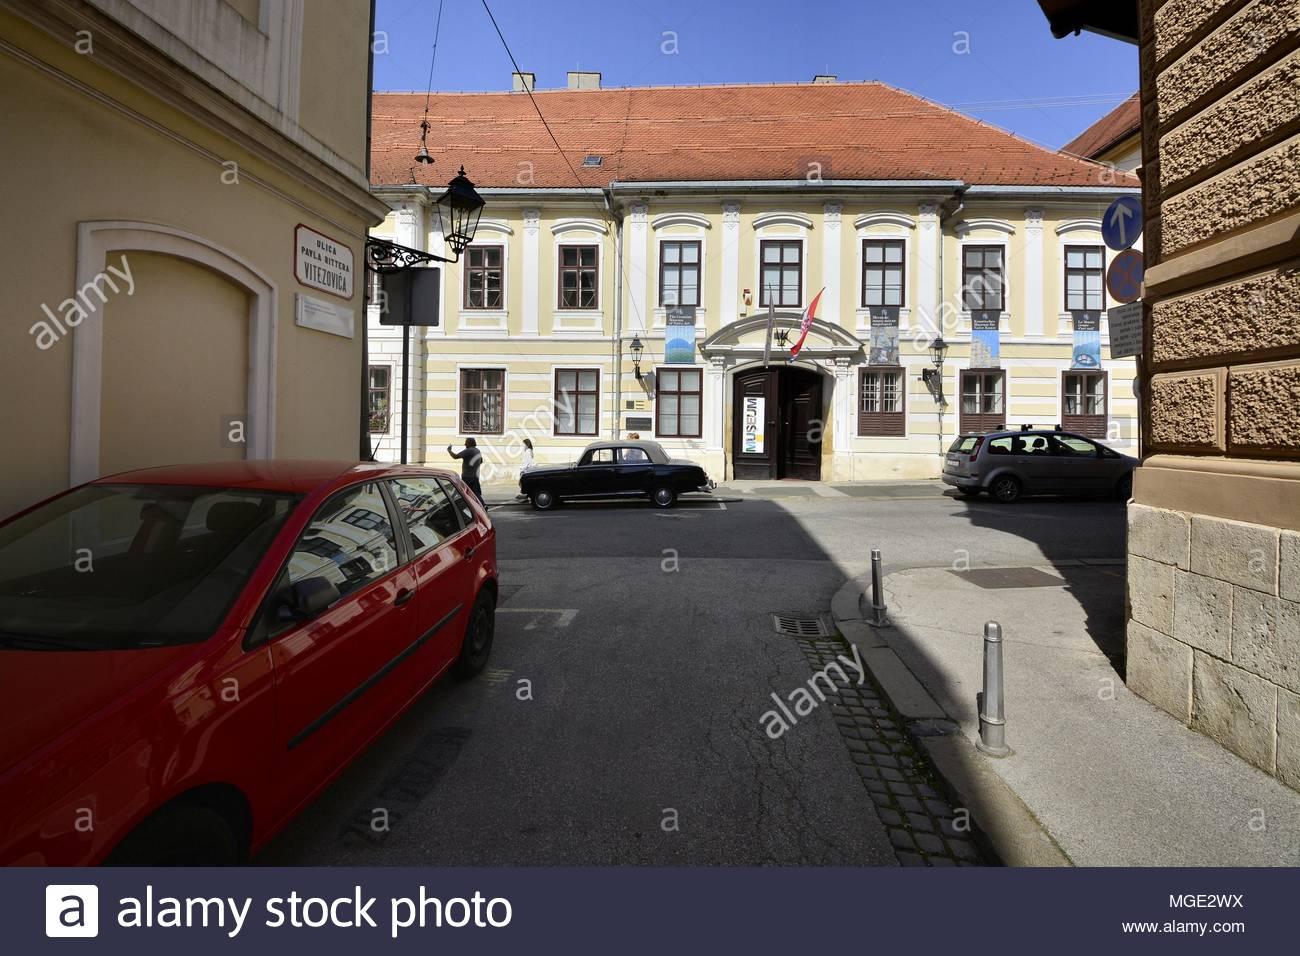 Croatian Museum of Naive Art  in Zagreb,Croatia - Stock Image